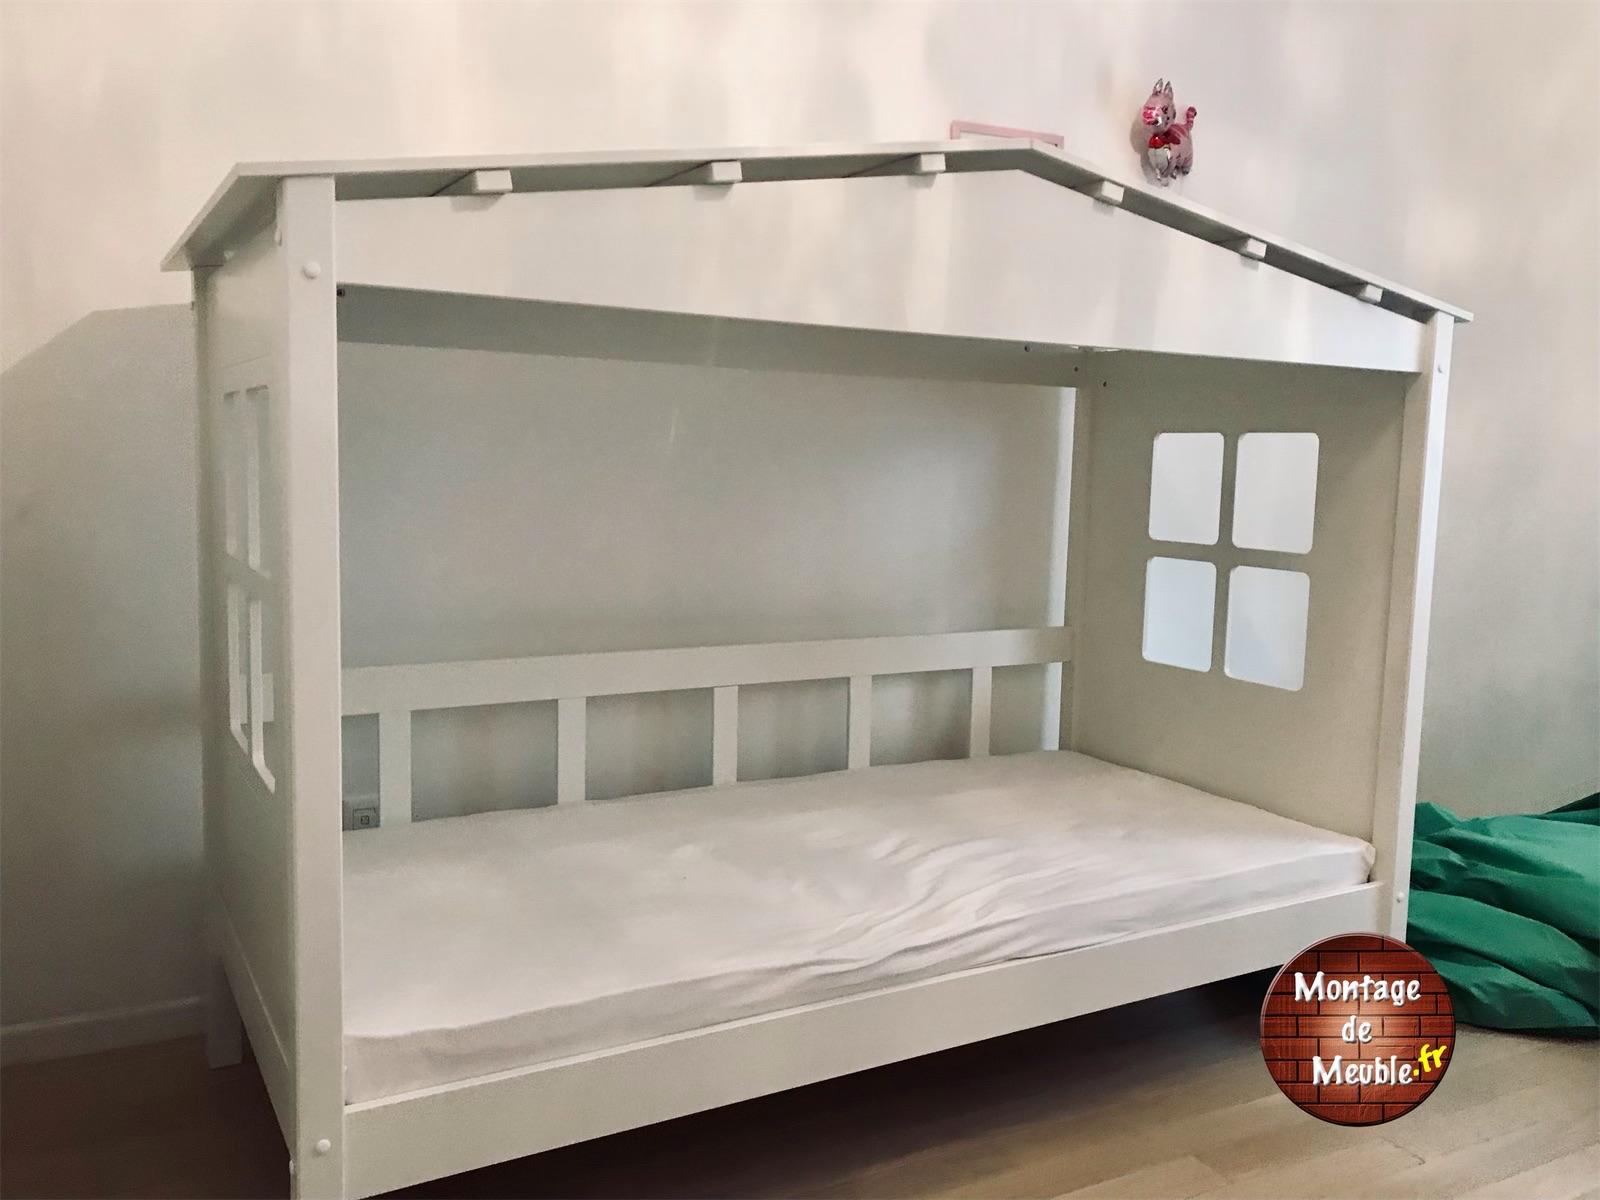 montage de meuble paris lit cabane